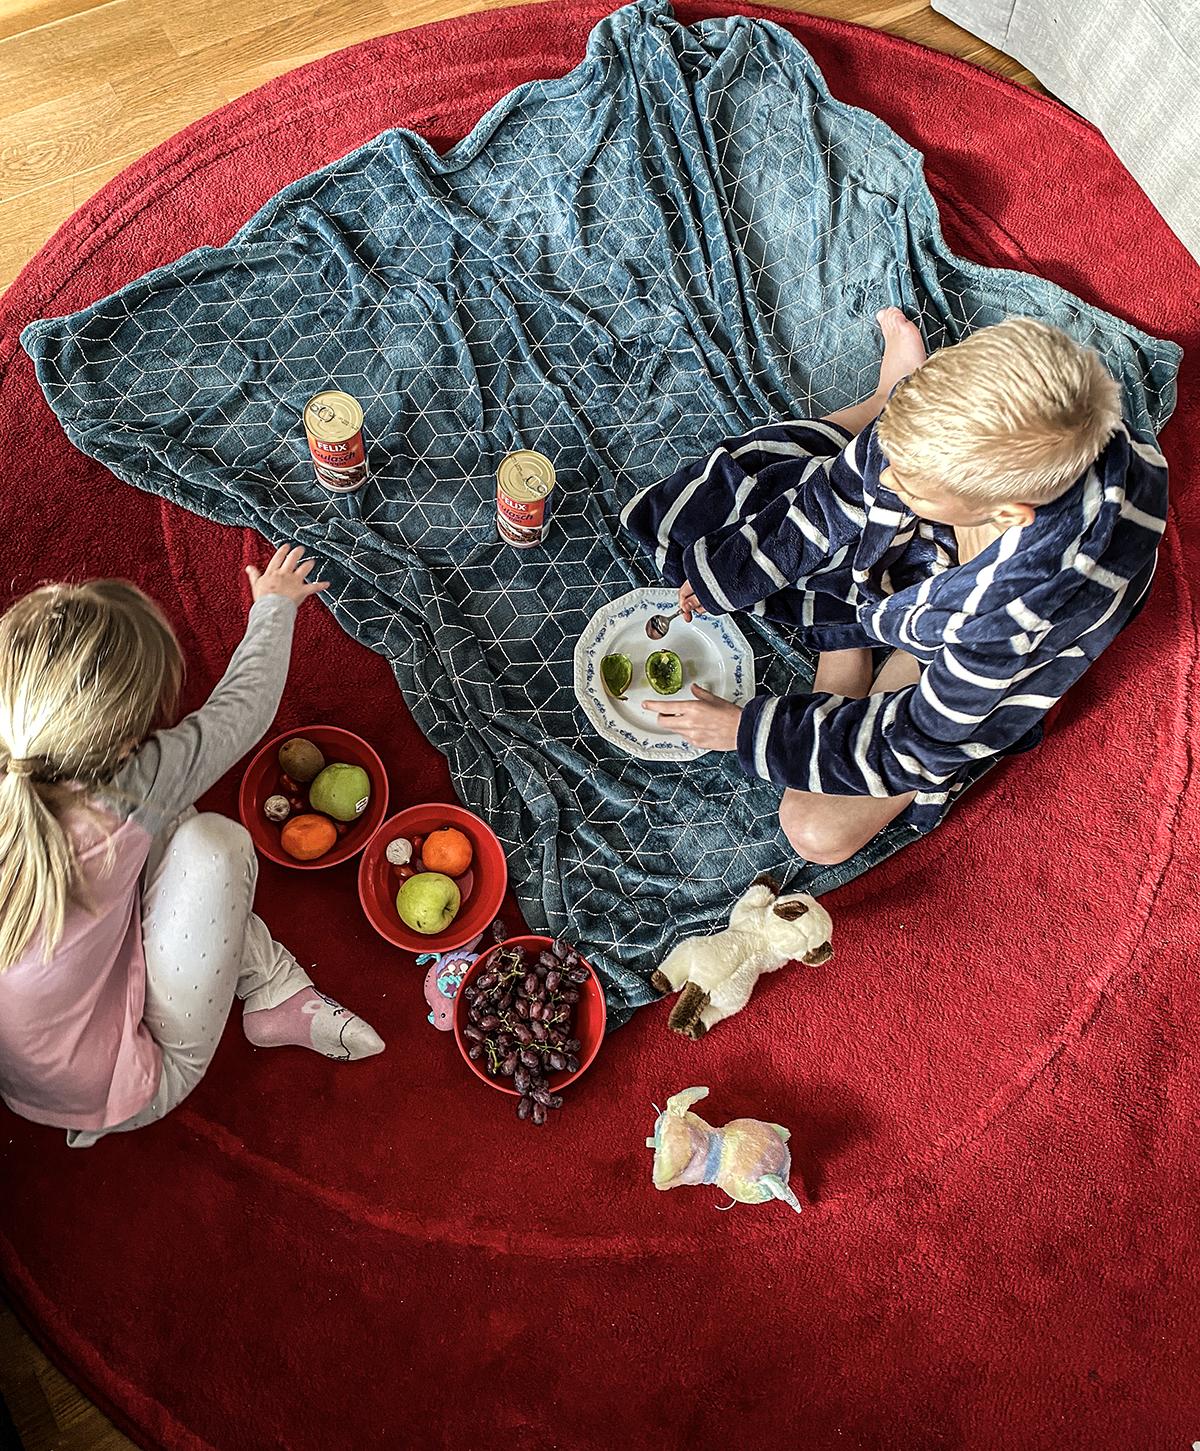 picknick på vardagsrumsgolvet